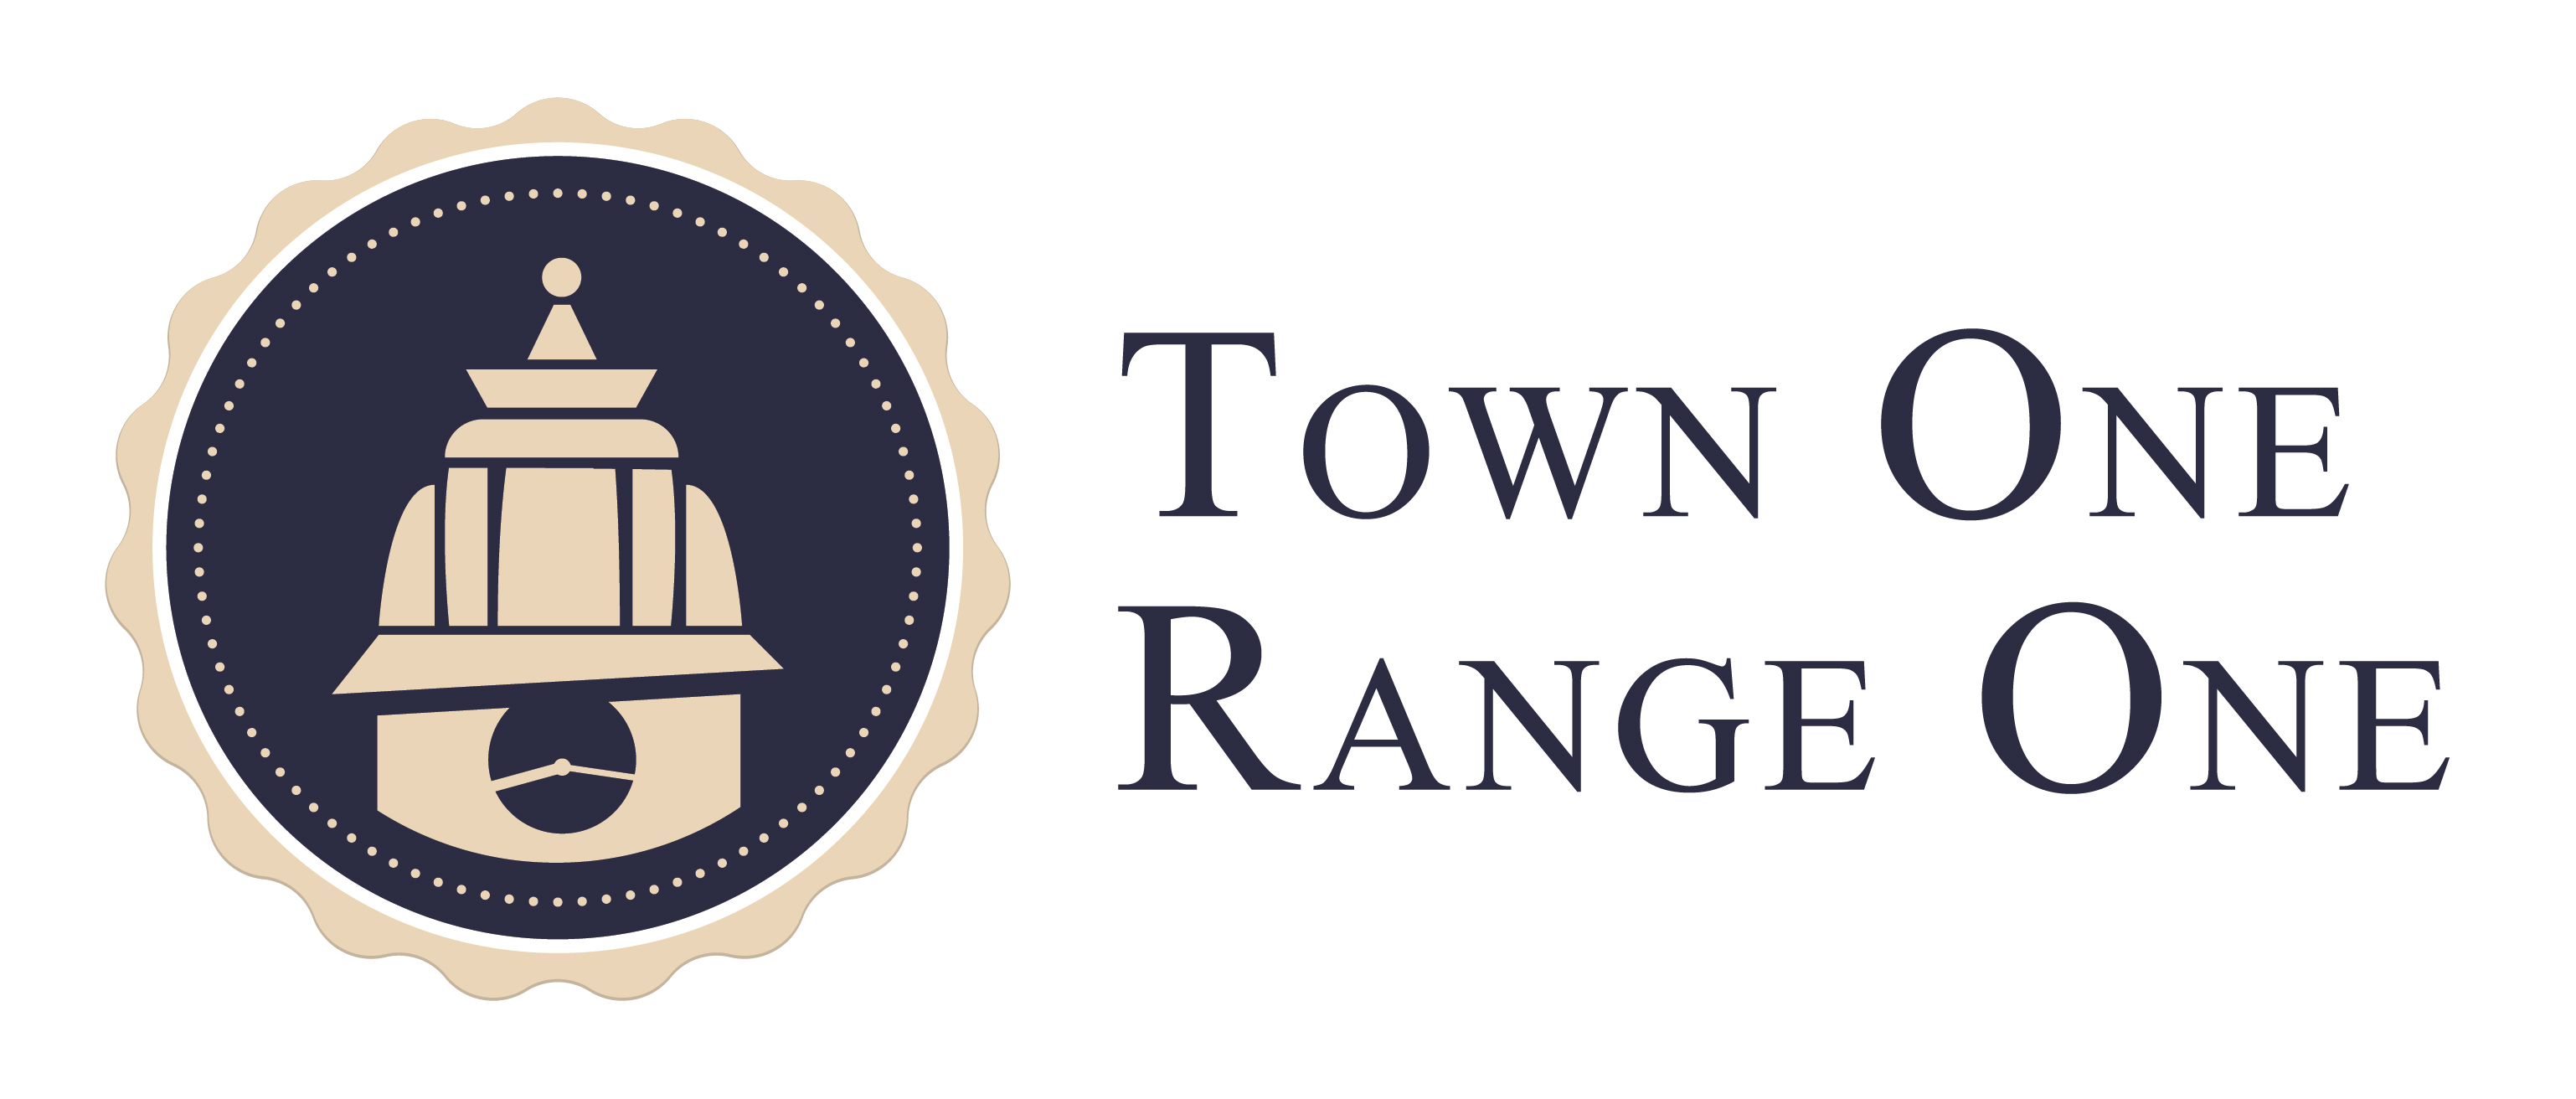 Park One Range One Logo